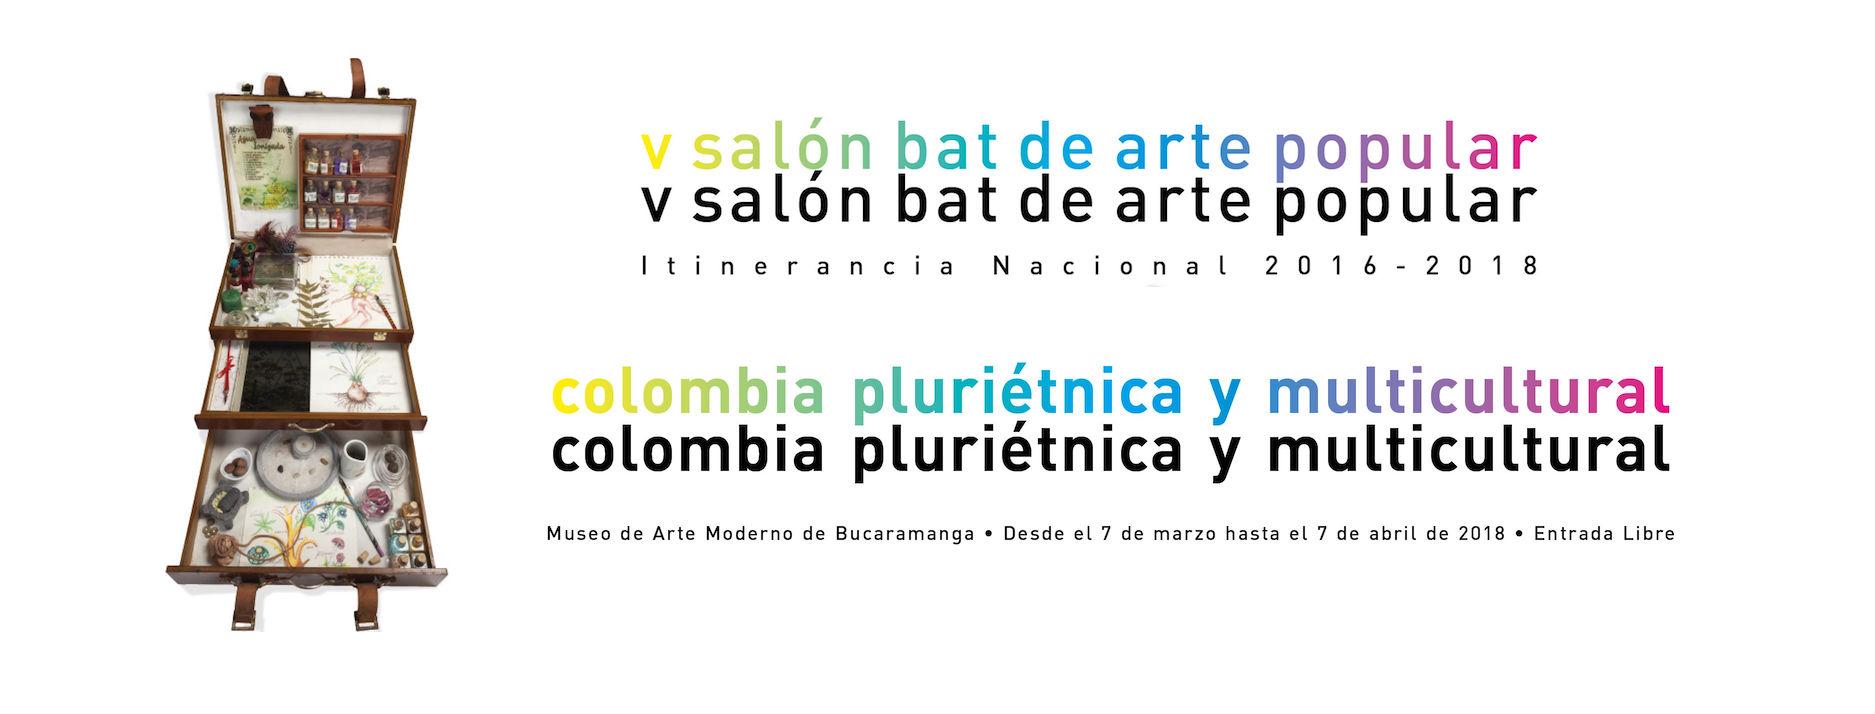 Itinerancia Nacional V Salón de Arte Popular